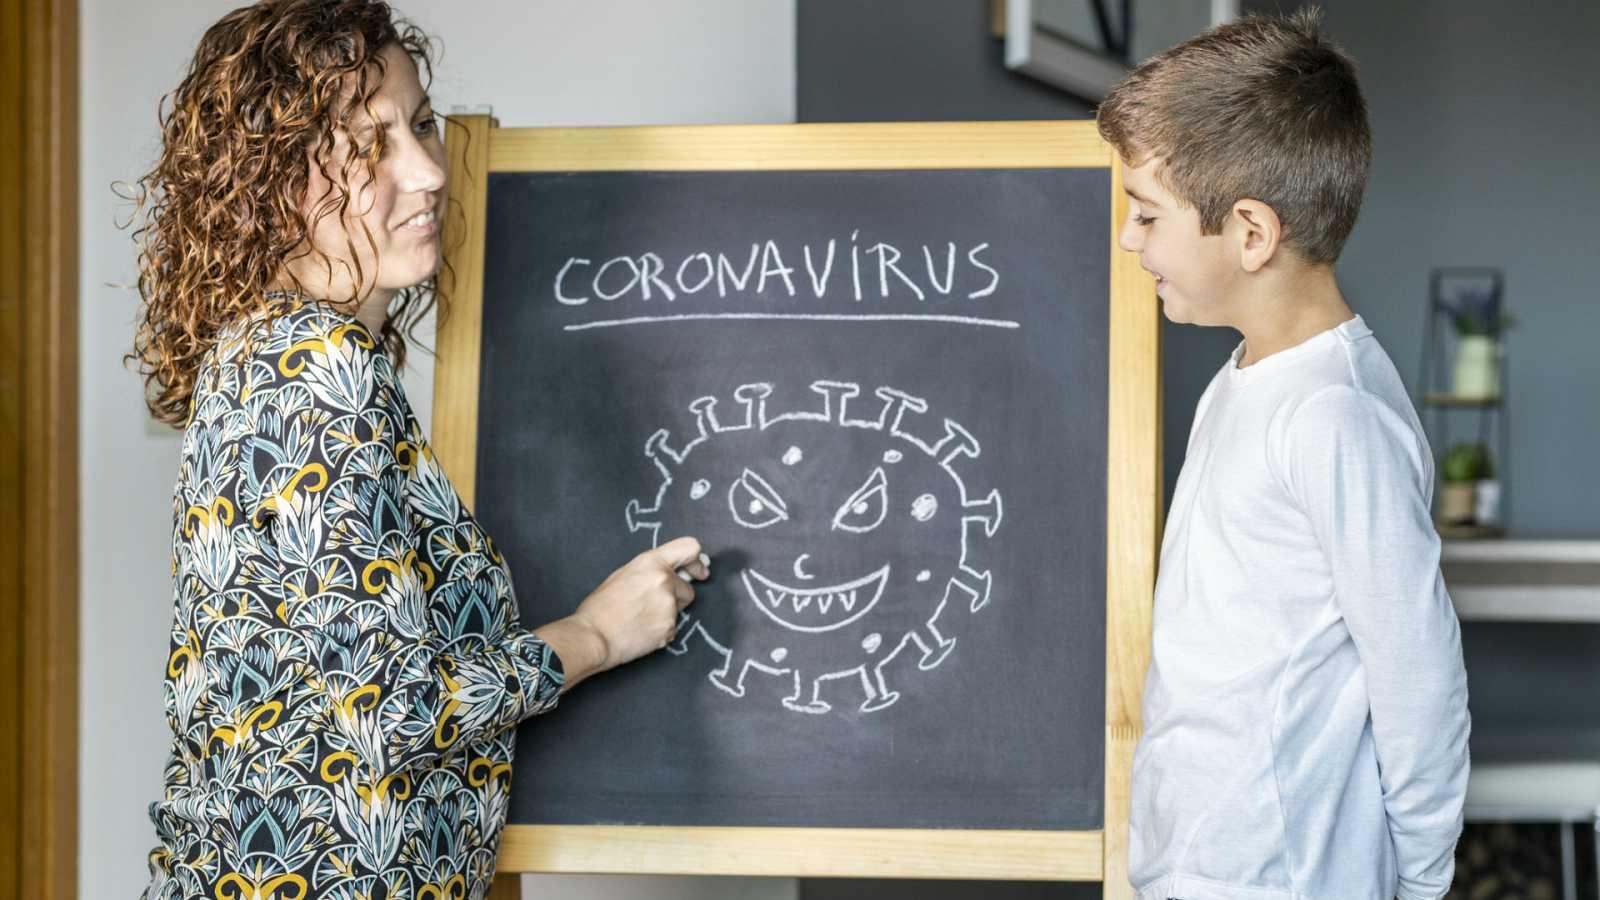 Mamás y papás - Coronavirus: afrontando el miedo - 10/05/20 - escuchar ahora